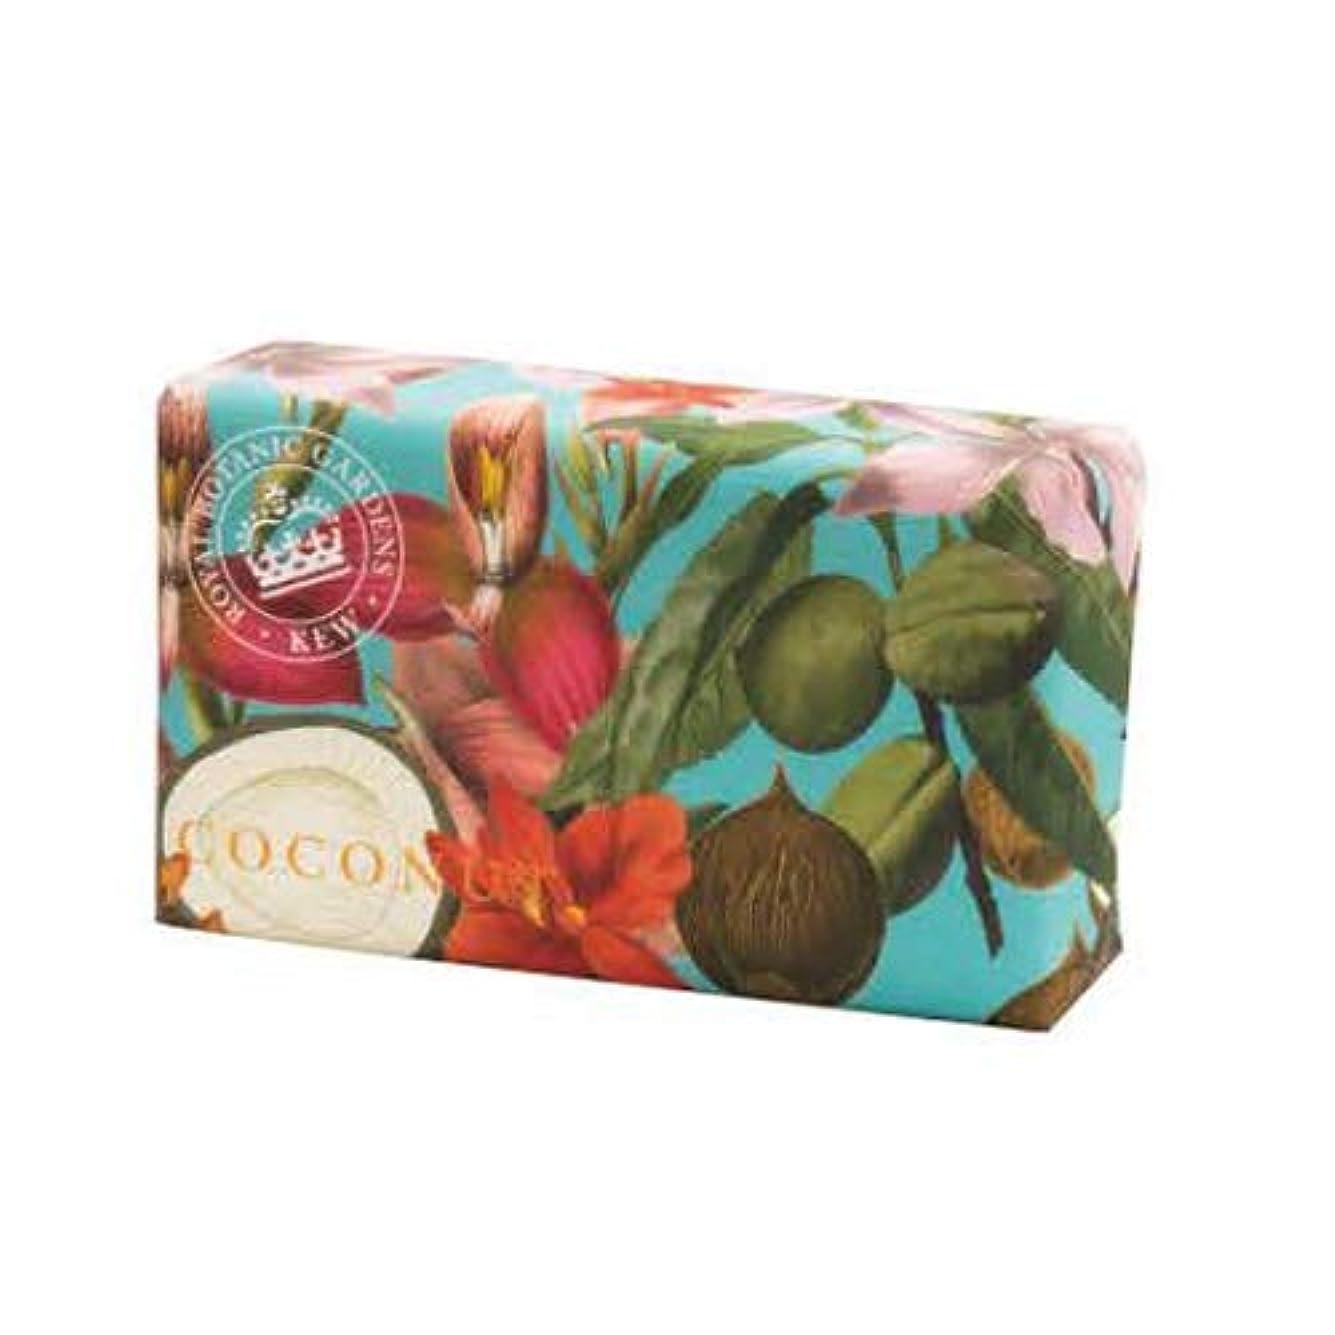 ボトルオフェンスイルEnglish Soap Company イングリッシュソープカンパニー KEW GARDEN キュー?ガーデン Luxury Shea Soaps シアソープ Coconut ココナッツ